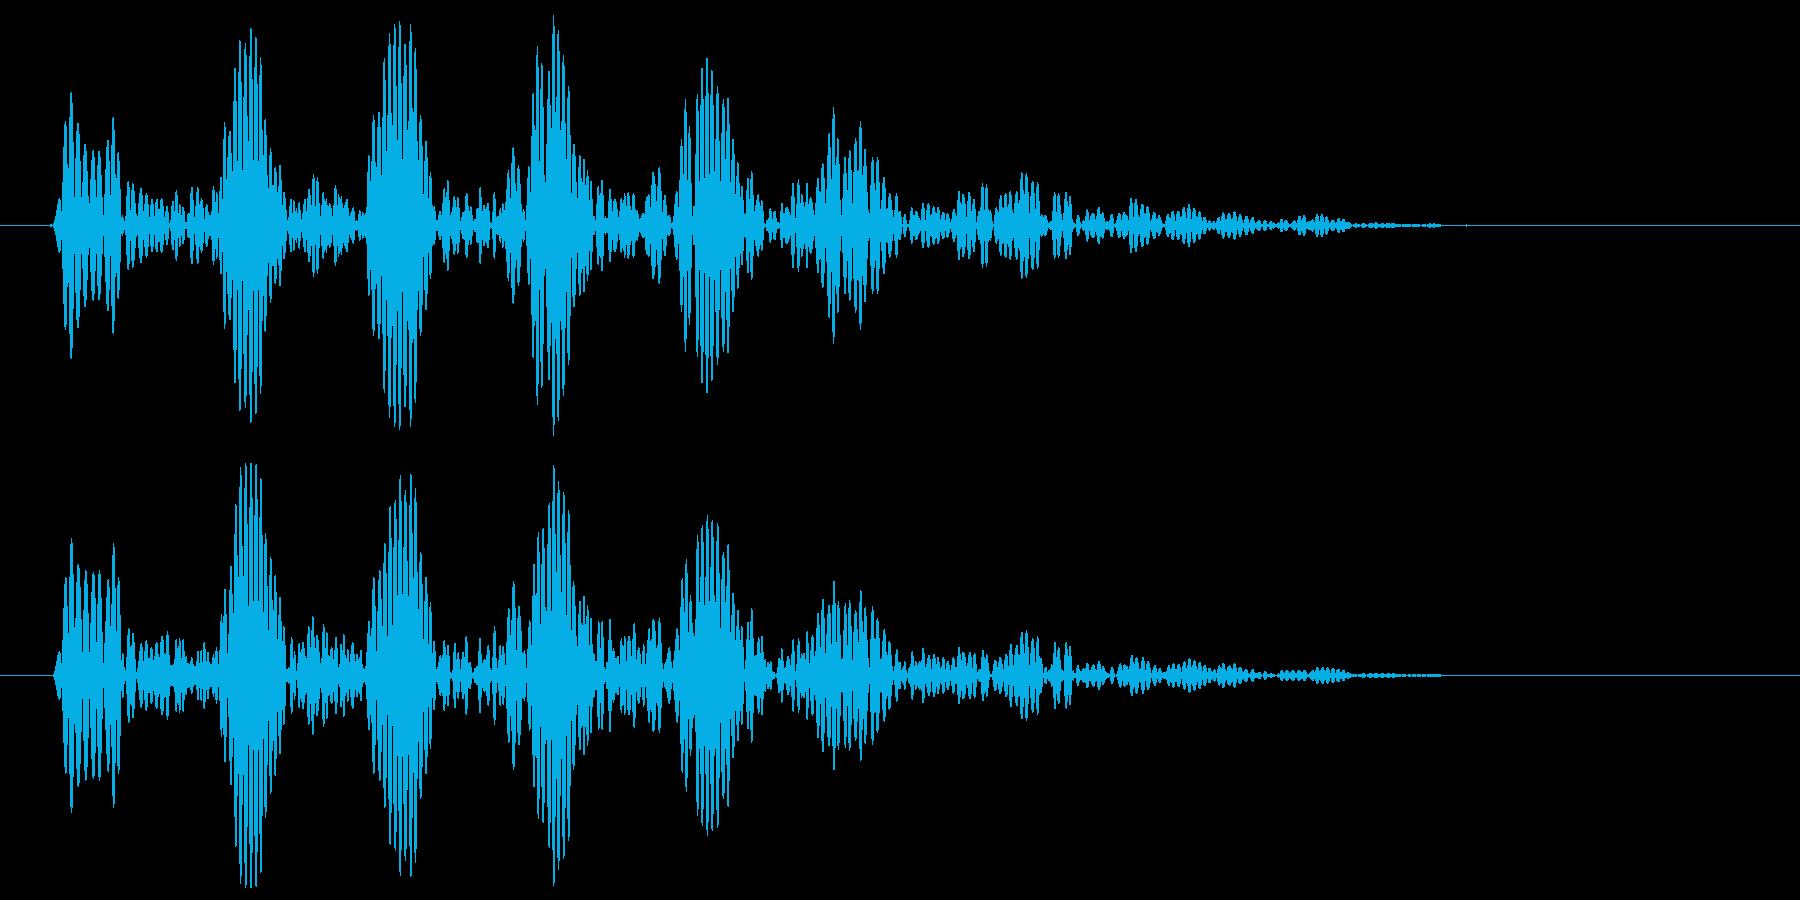 ふくろうの声(リアル)の再生済みの波形